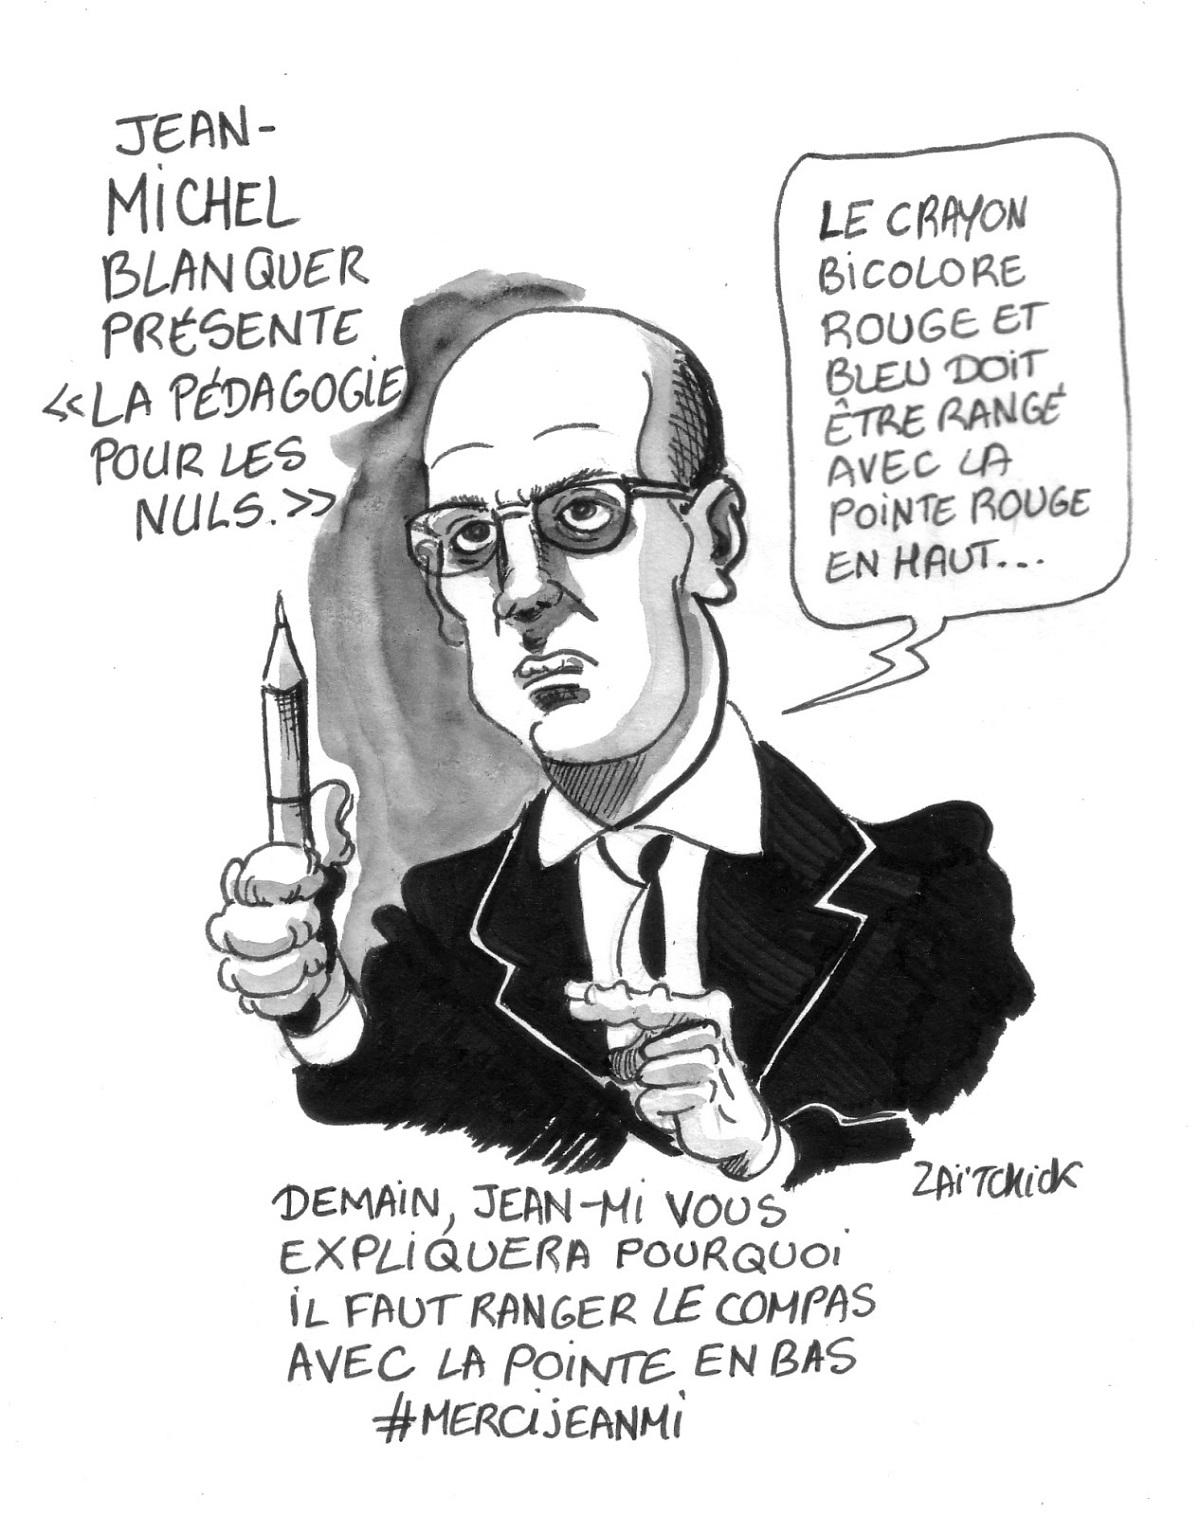 dessin d'actualité montrant Jean-Michel Blanquer donnant des conseils pédagogiques aux enseignements